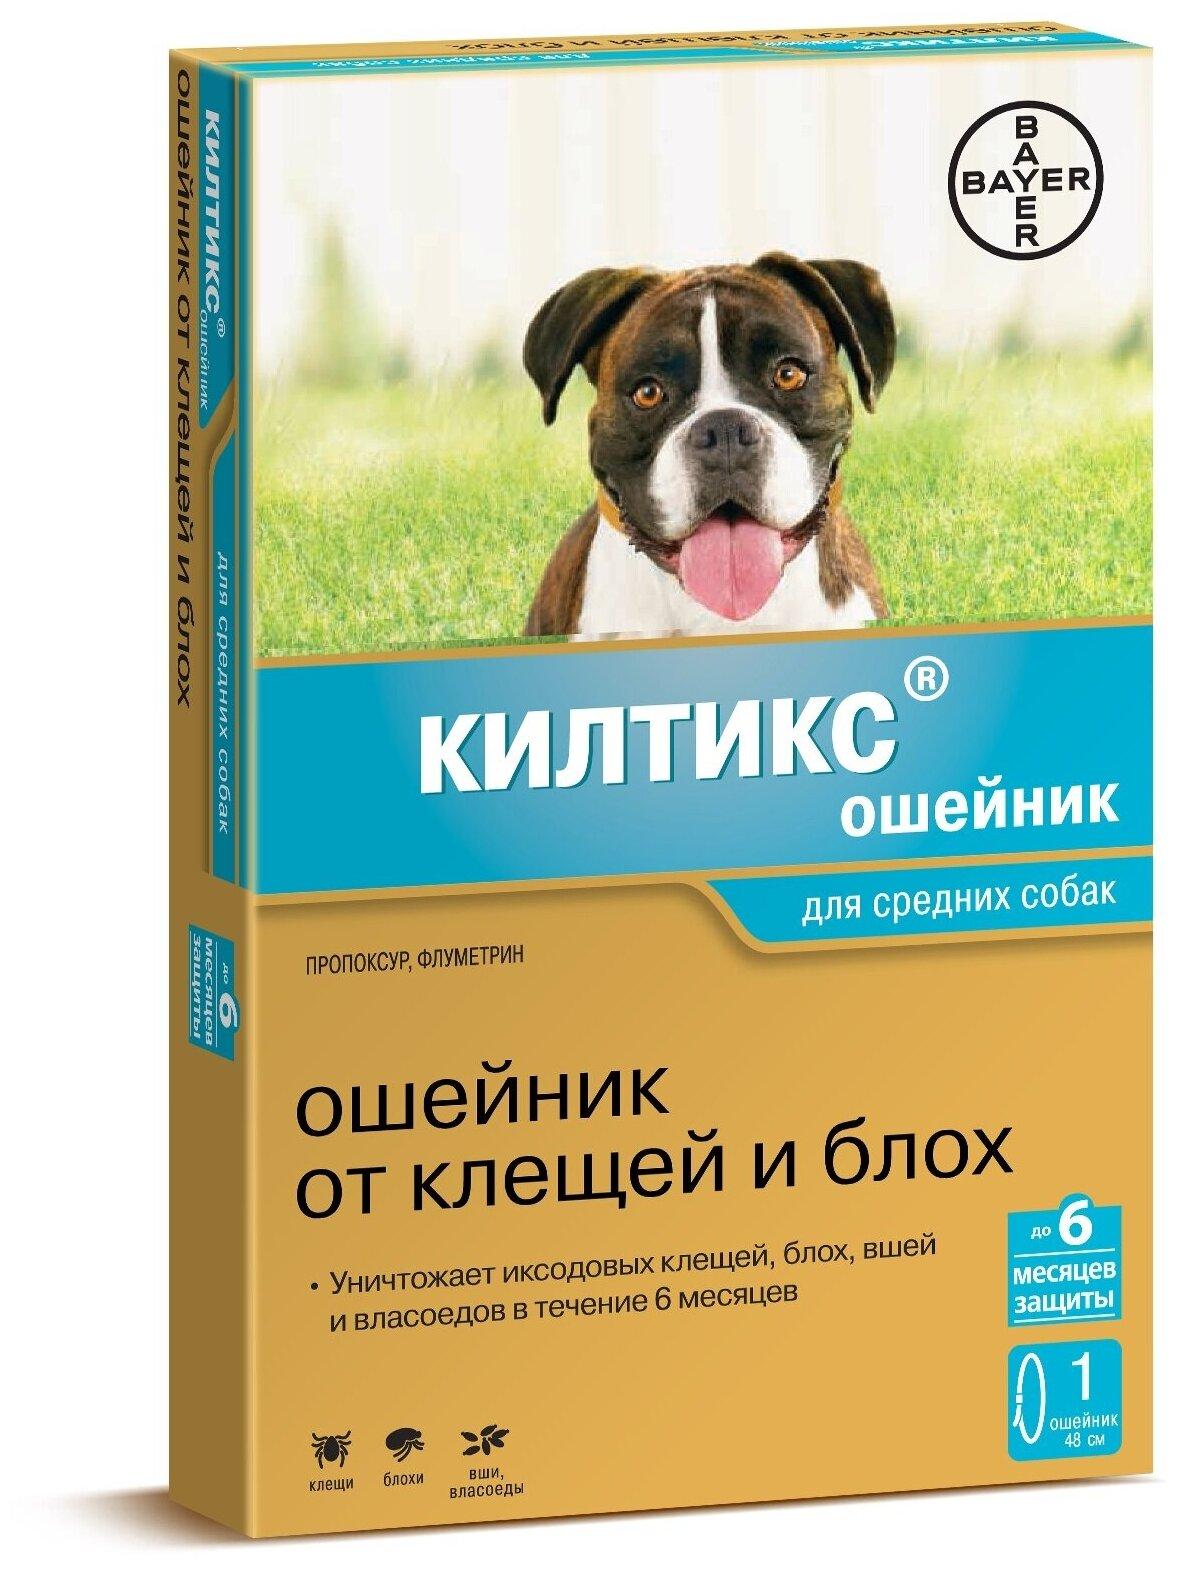 Килтикс (Bayer) ошейник от блох и клещей инсектоакарицидный для собак и щенков, 48 см - Характеристики - Яндекс.Маркет